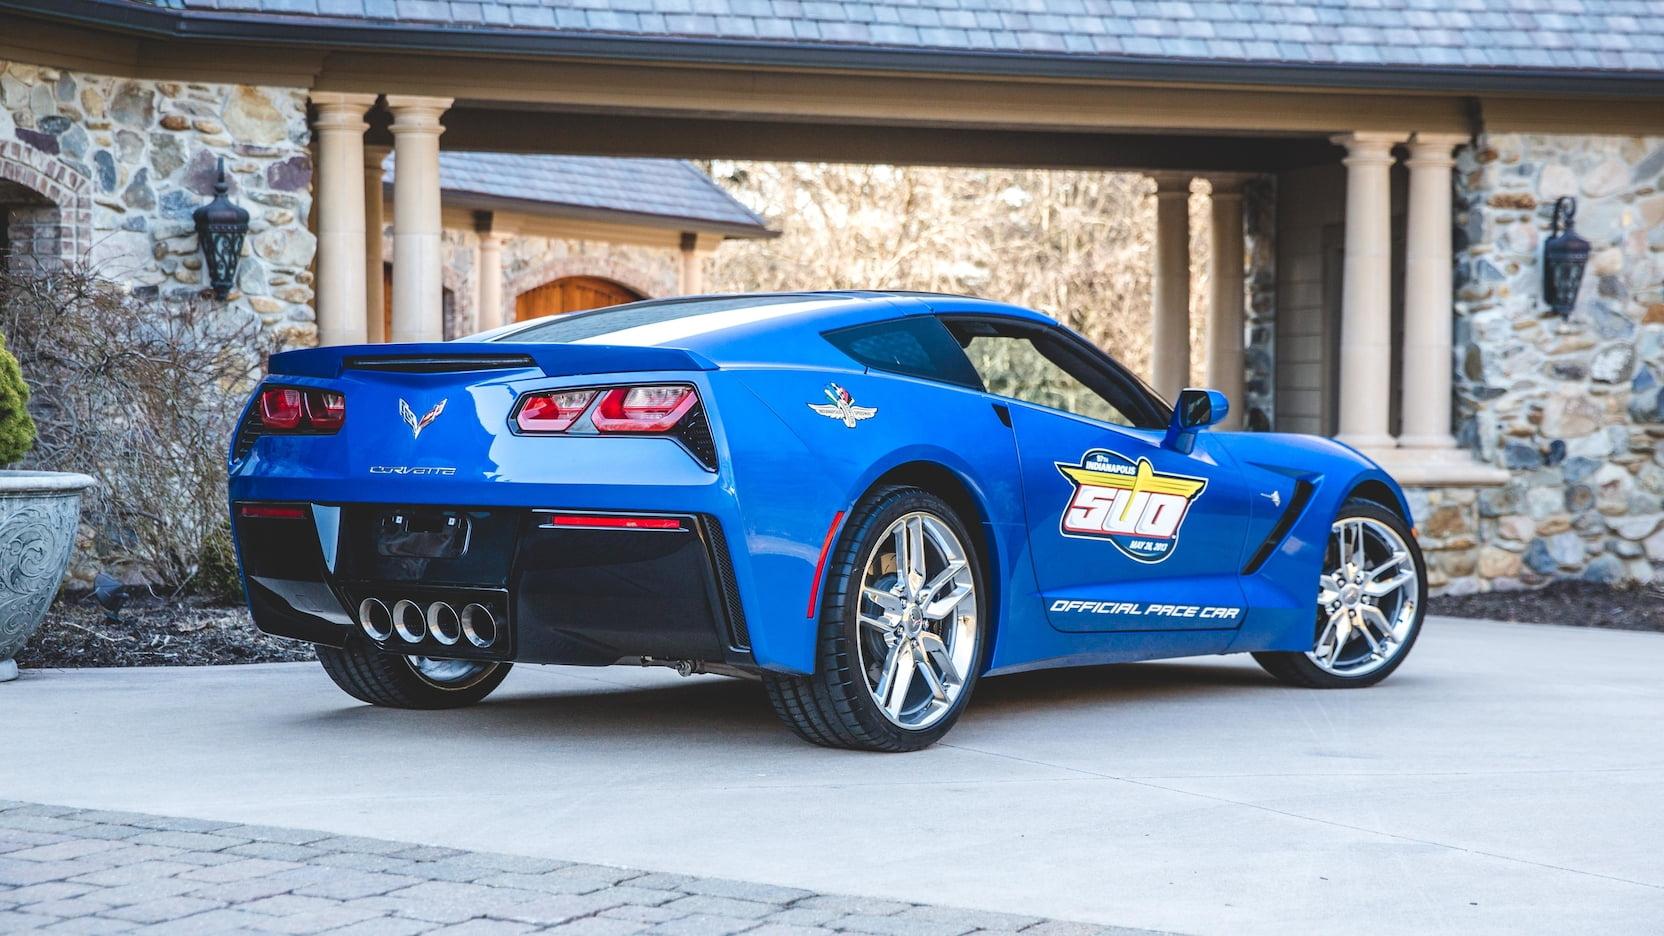 2014 Chevrolet Corvette Pace Car Edition Rear 3/4